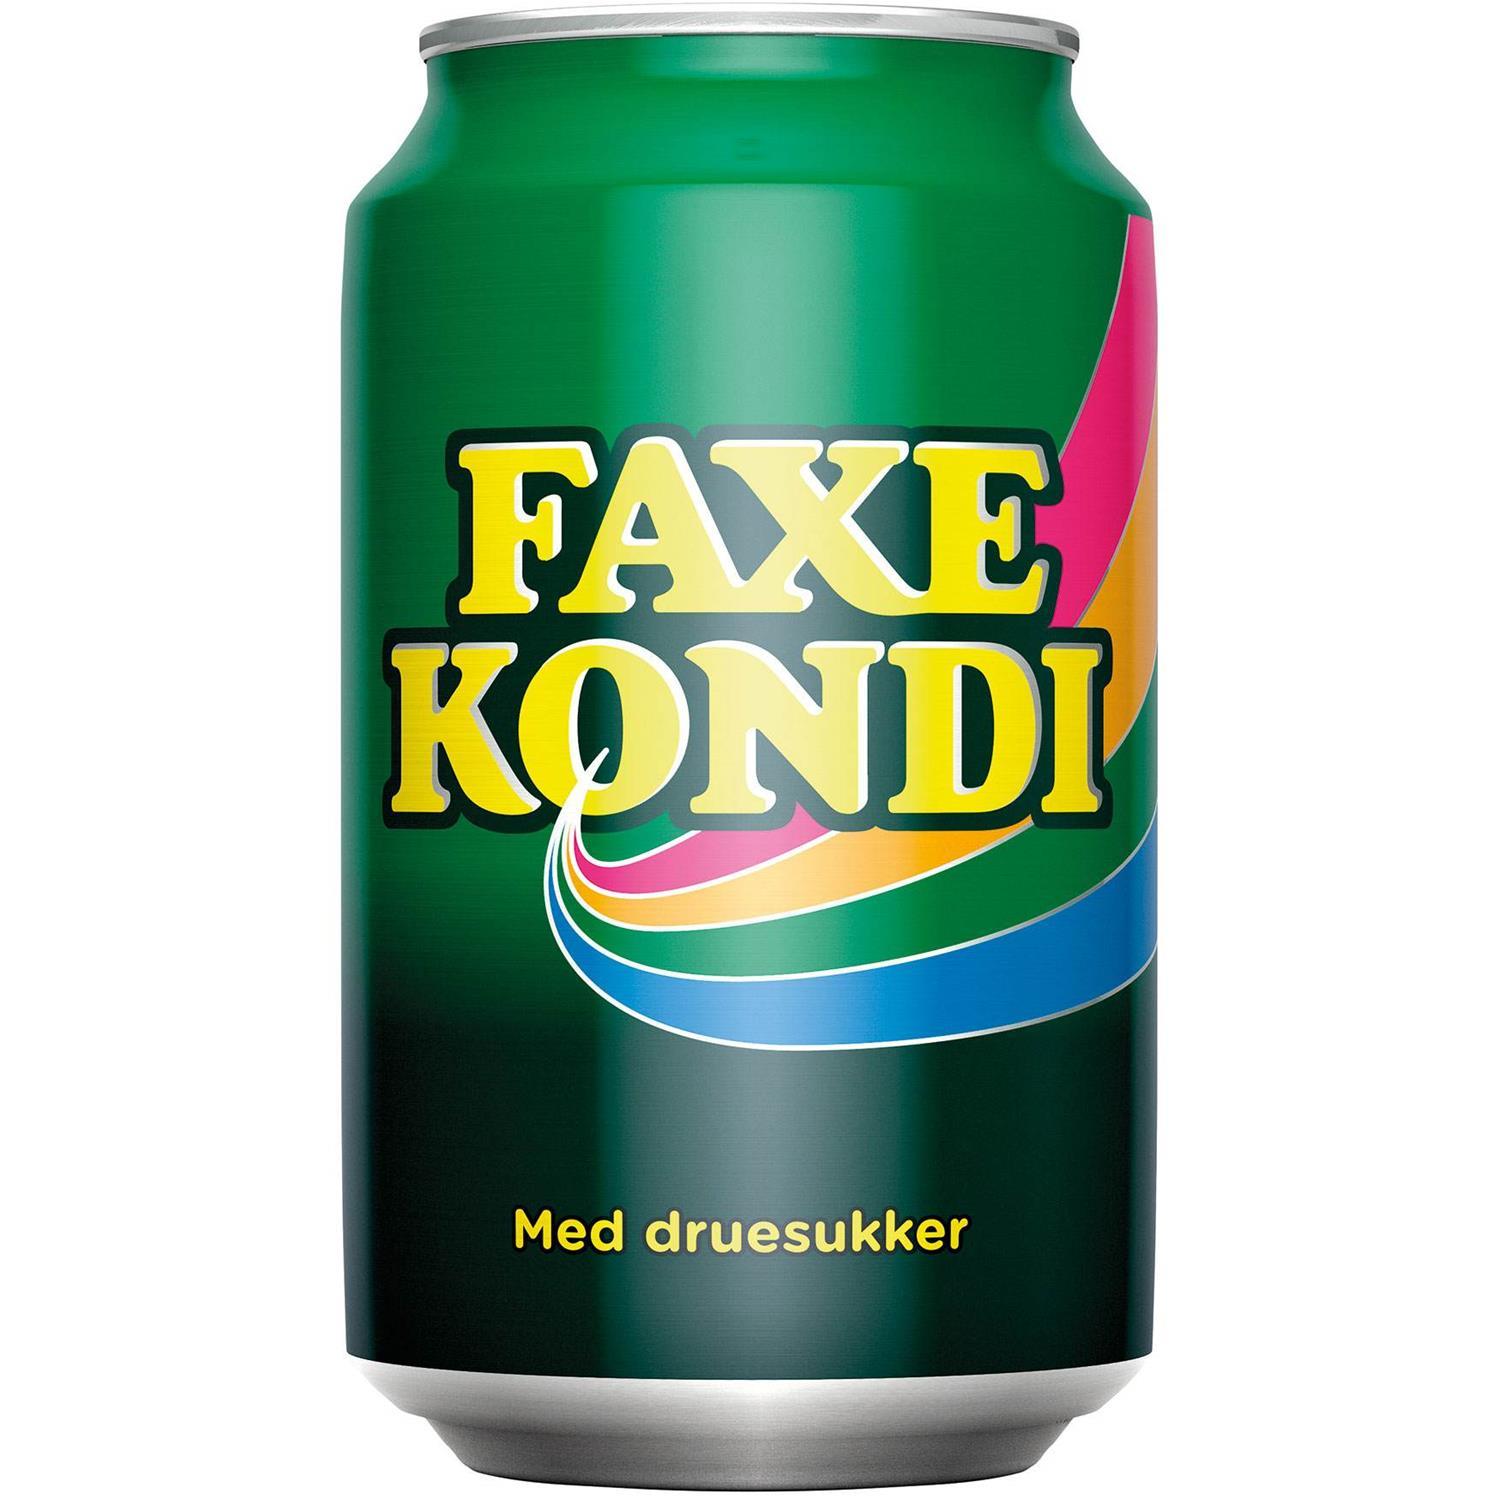 Faxe Kondi 0,33 ltr.